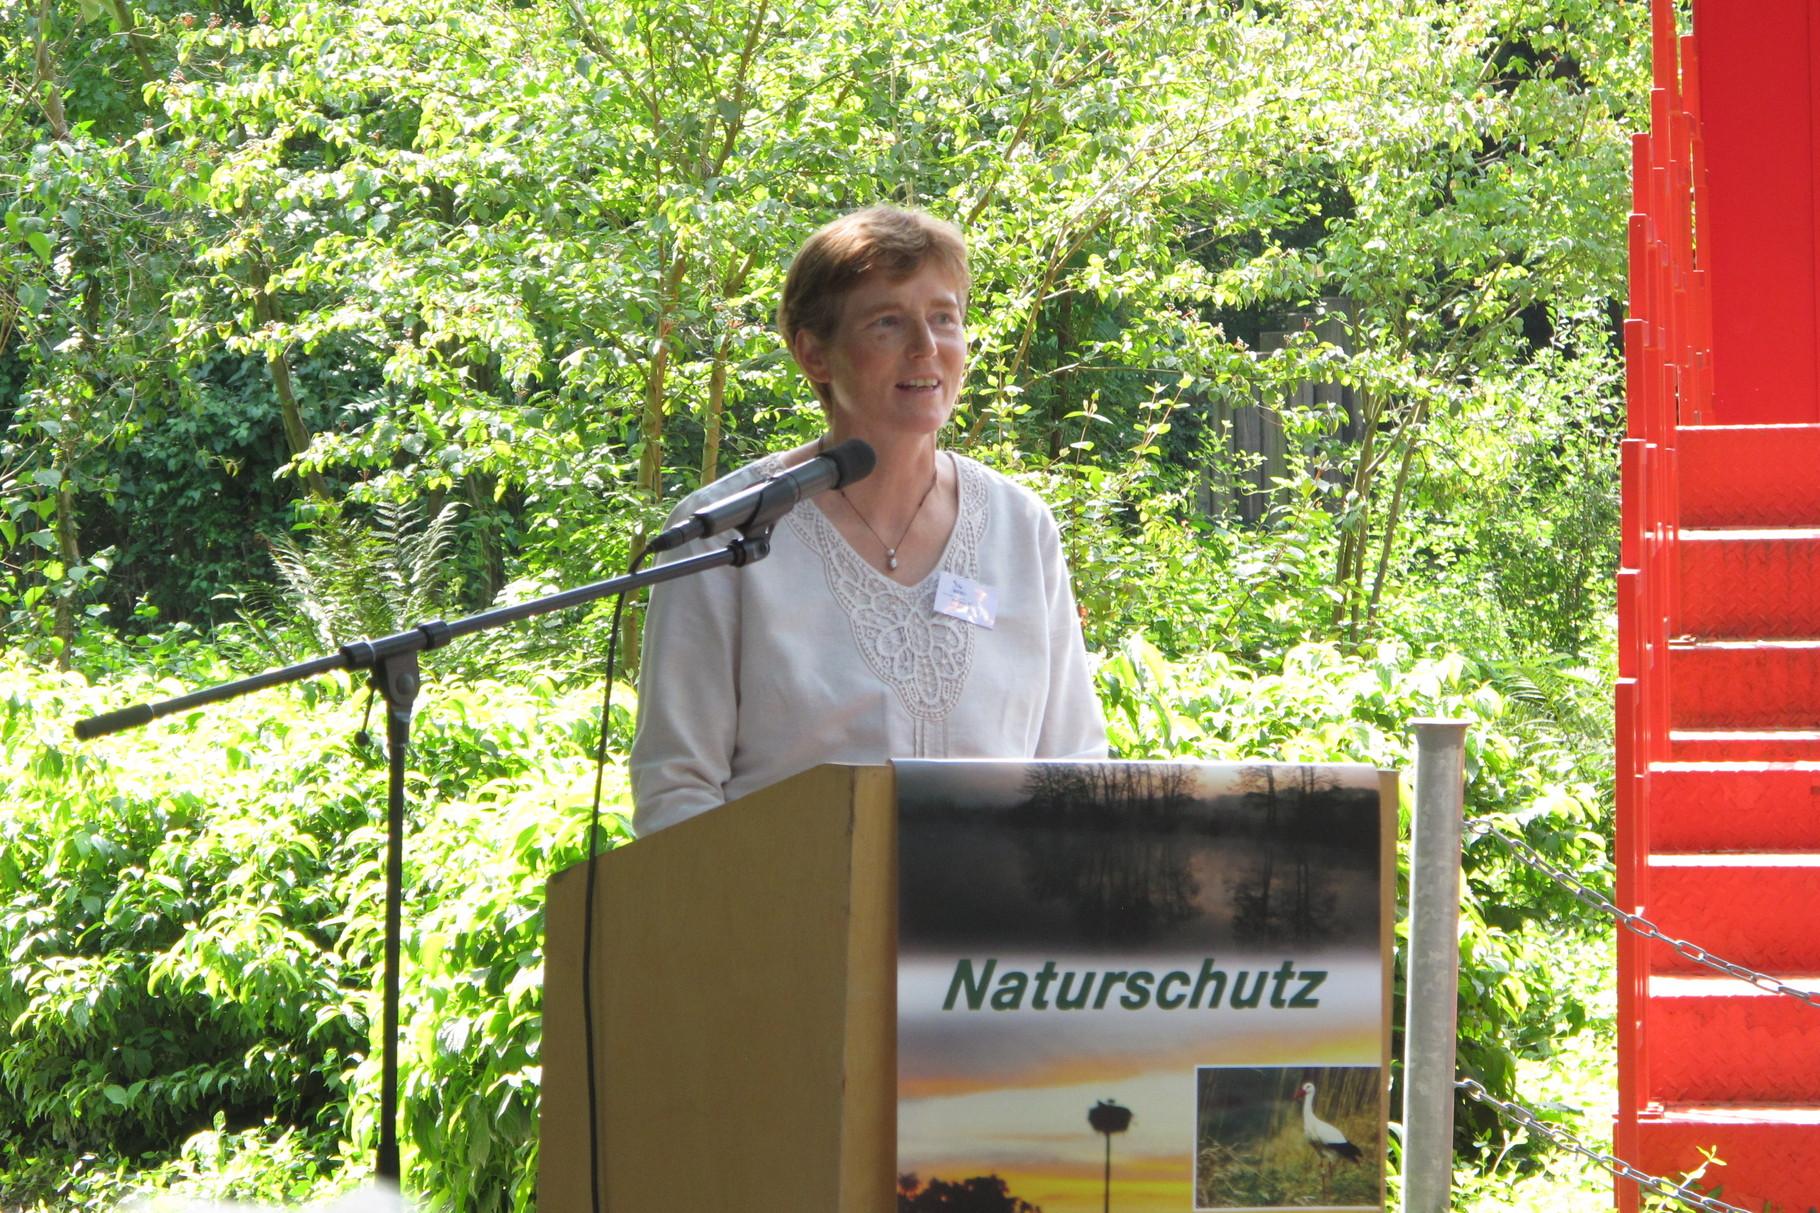 Die stellvertretende Vorsitzende Stefanie Tilg verliest das Grußwort des Umweltministers